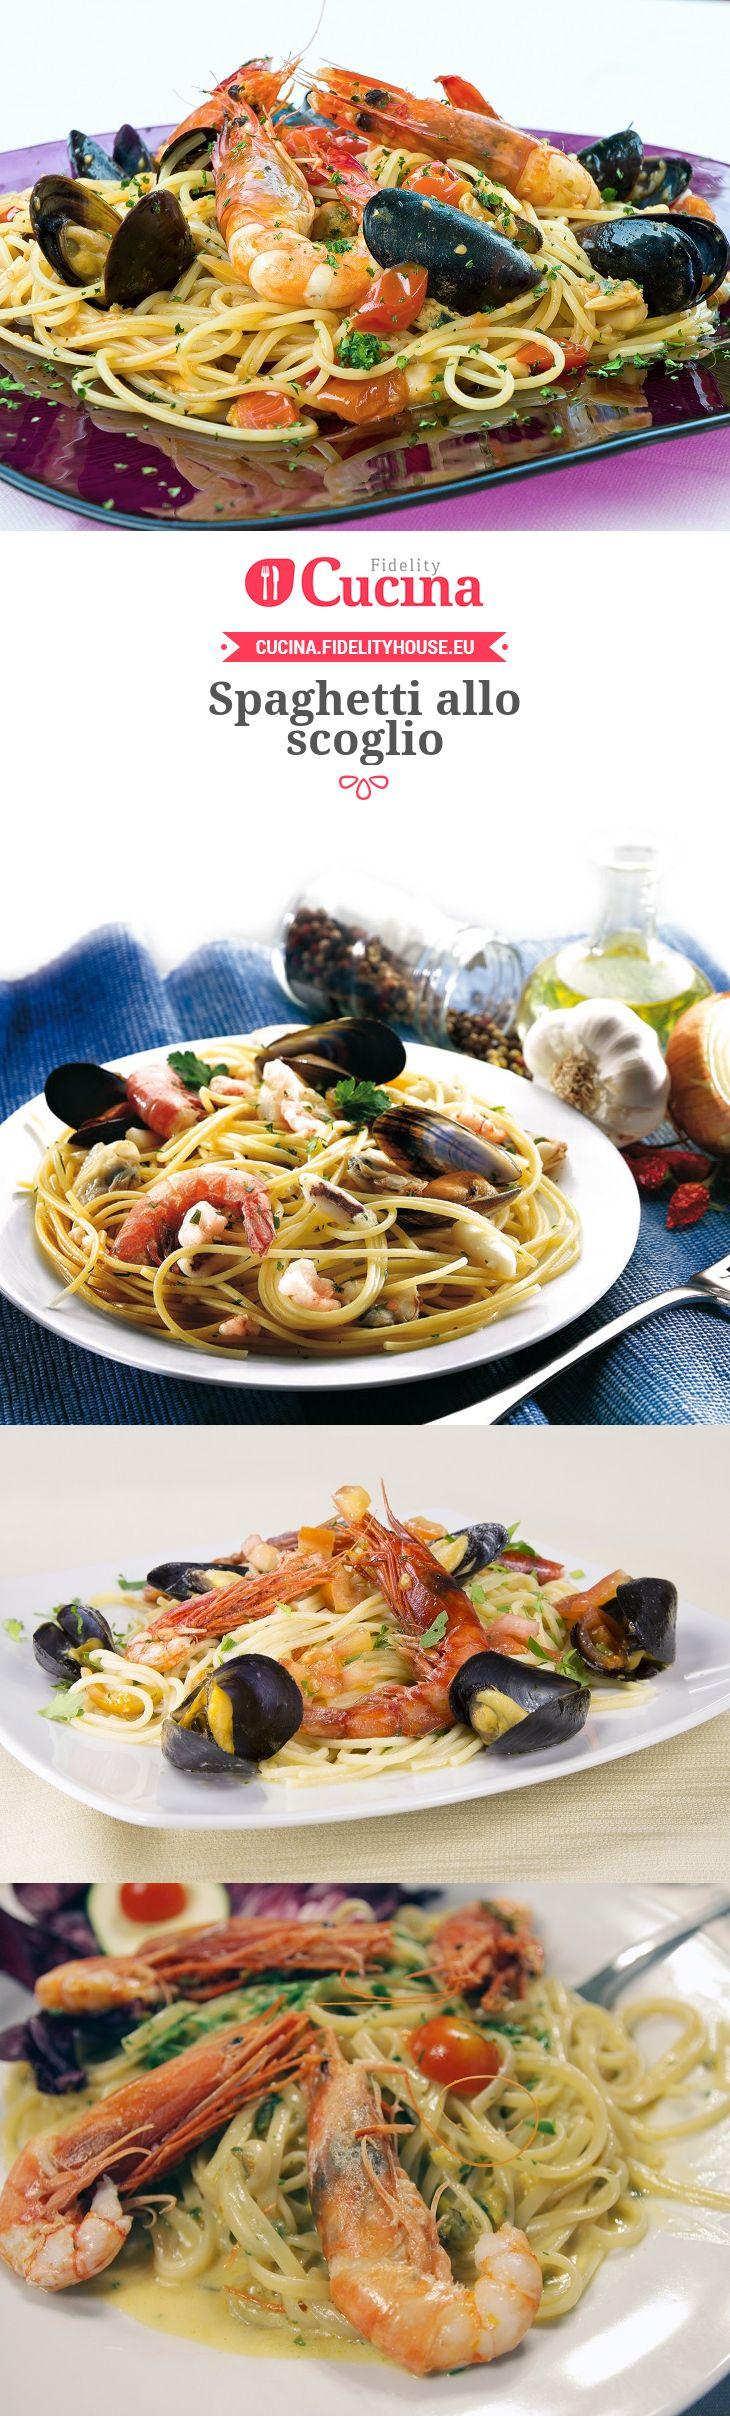 Ricetta spaghetti allo scoglio